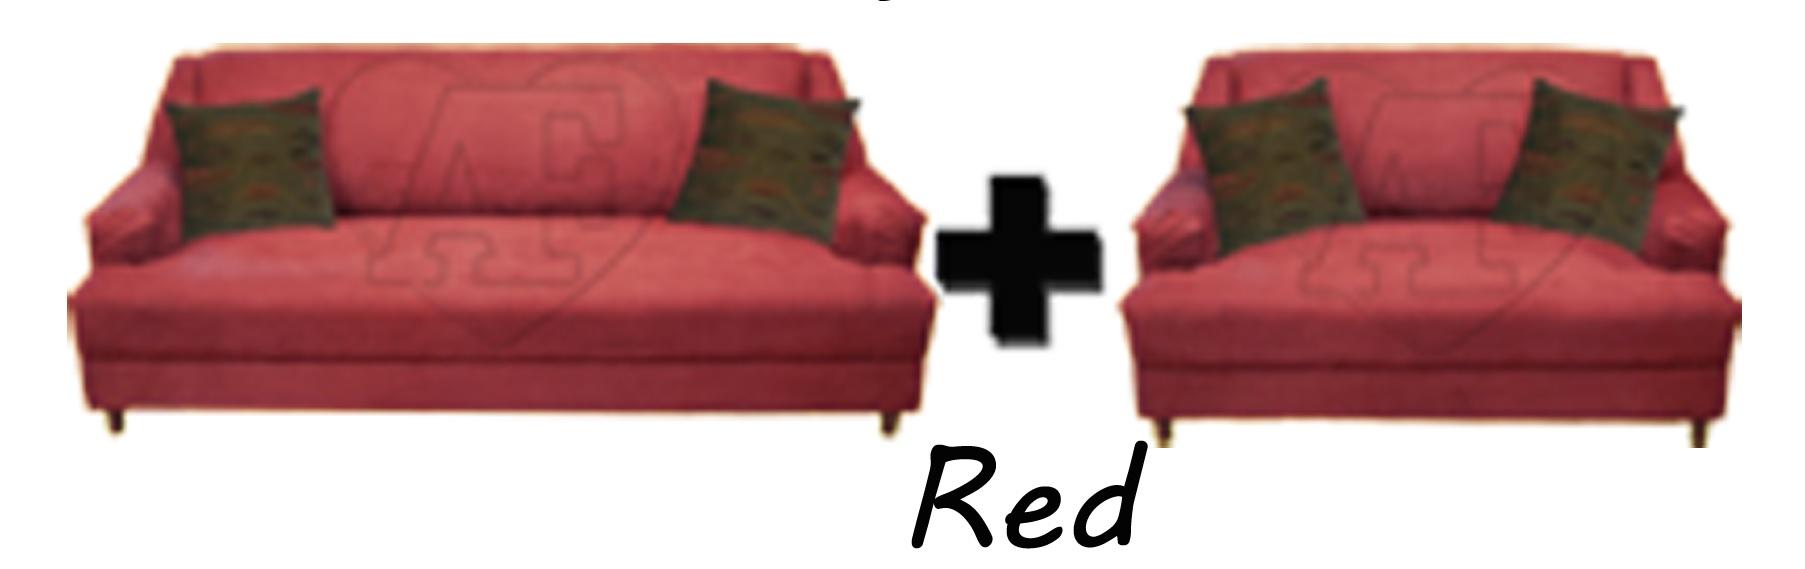 https://0201.nccdn.net/1_2/000/000/13a/bdf/Model-127-red.jpg